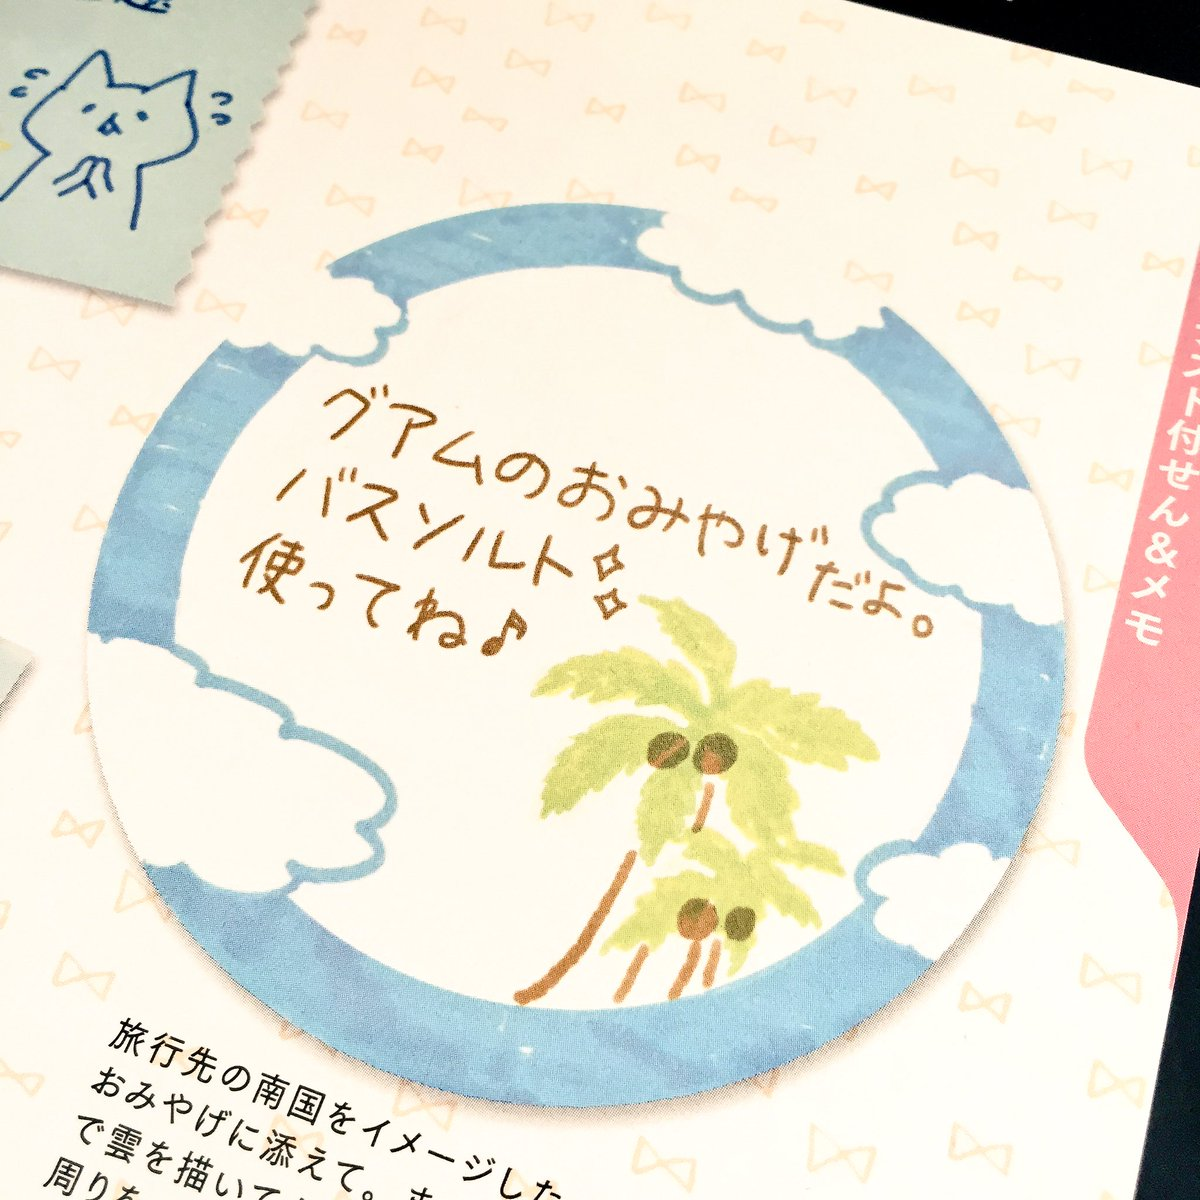 """オオカワ アヤ / イラスト&デザイン on twitter: """"夏休みはどこへ"""